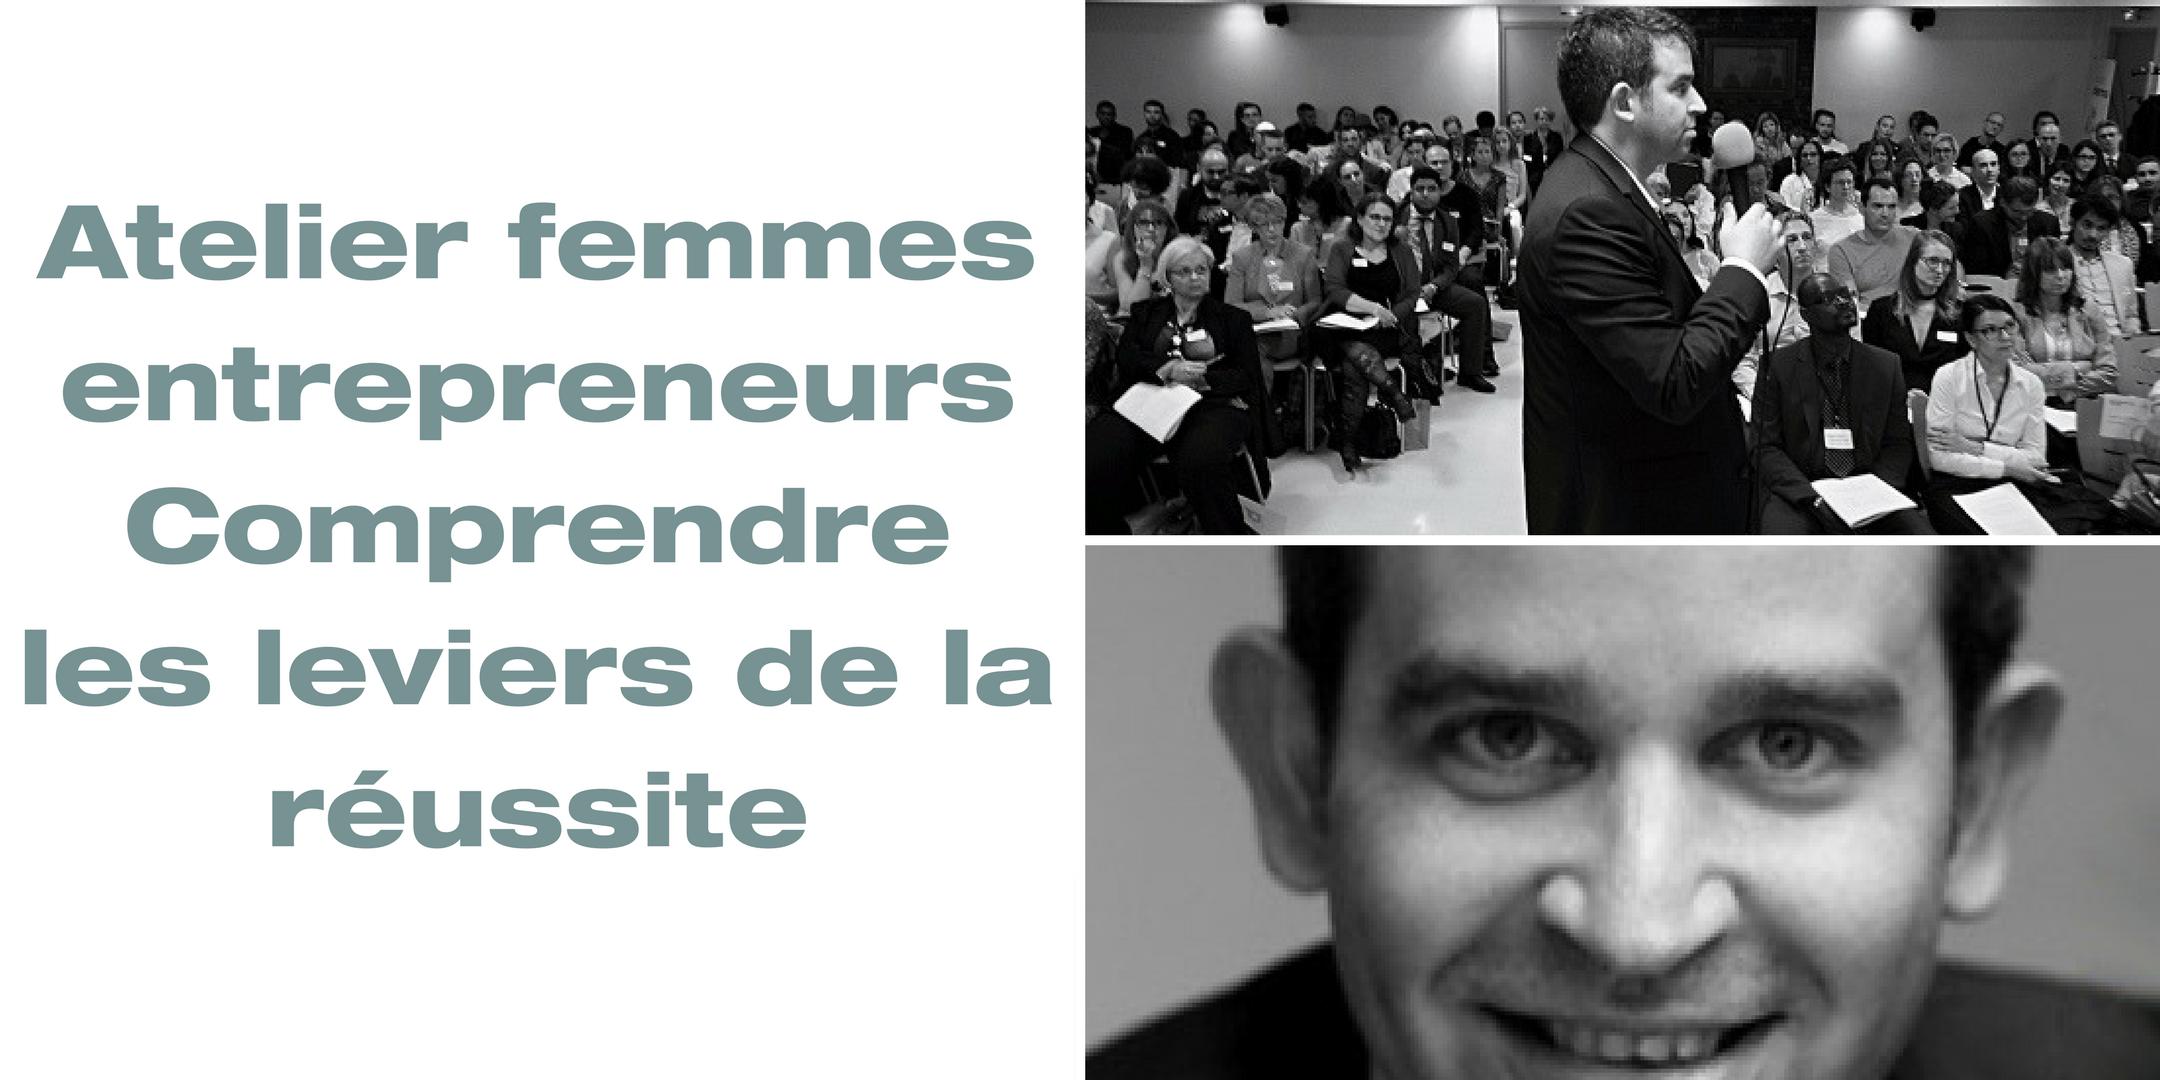 Atelier femmes entrepreneurs : Comprendre les leviers de la réussite